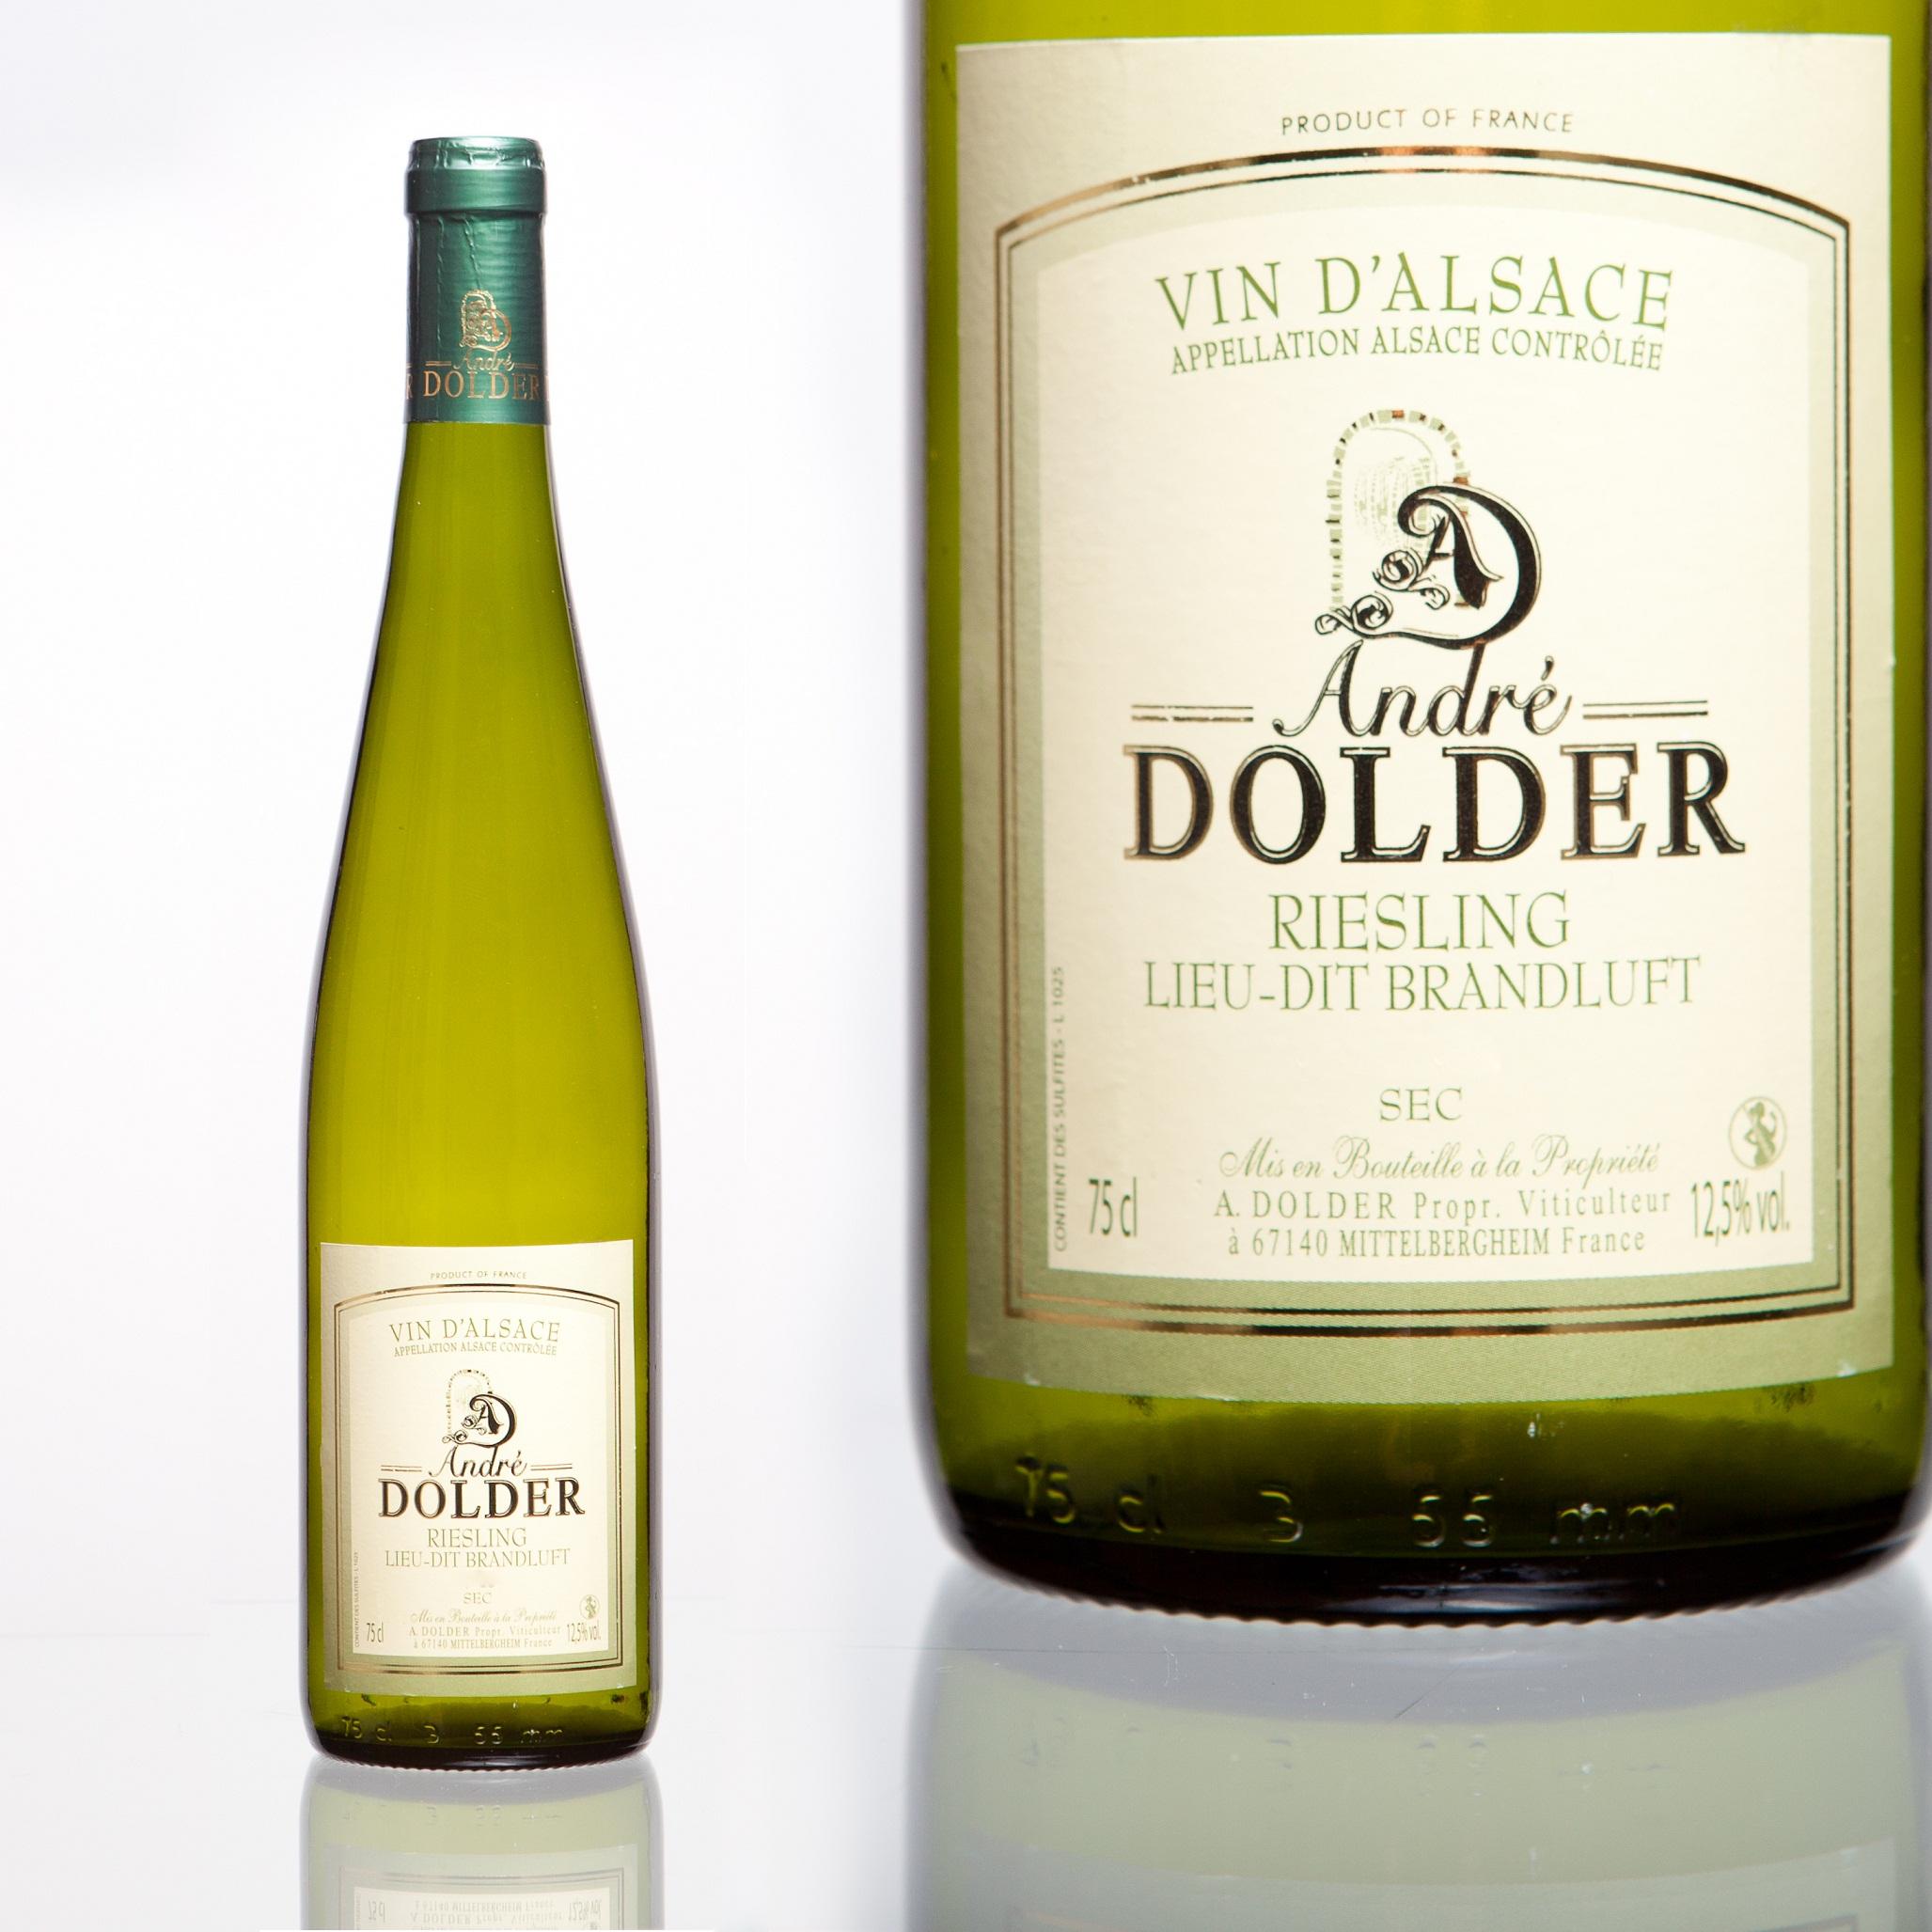 Riesling Brandluft vins et cremant d'Alsace André Dodler